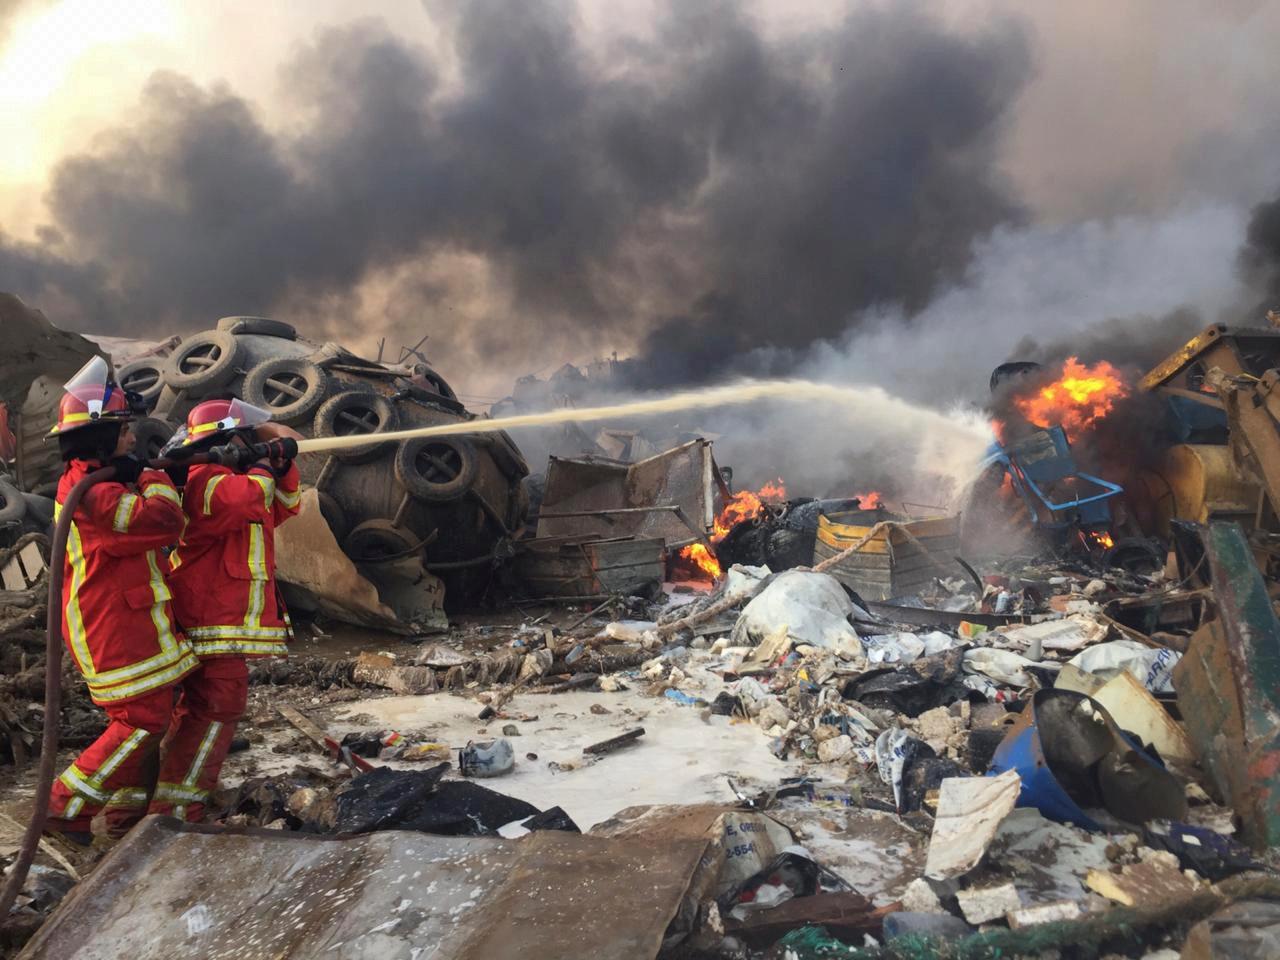 Ledakan di Beirut berasal dari sebuah gudang penyimpanan 'bahan peledak besar'